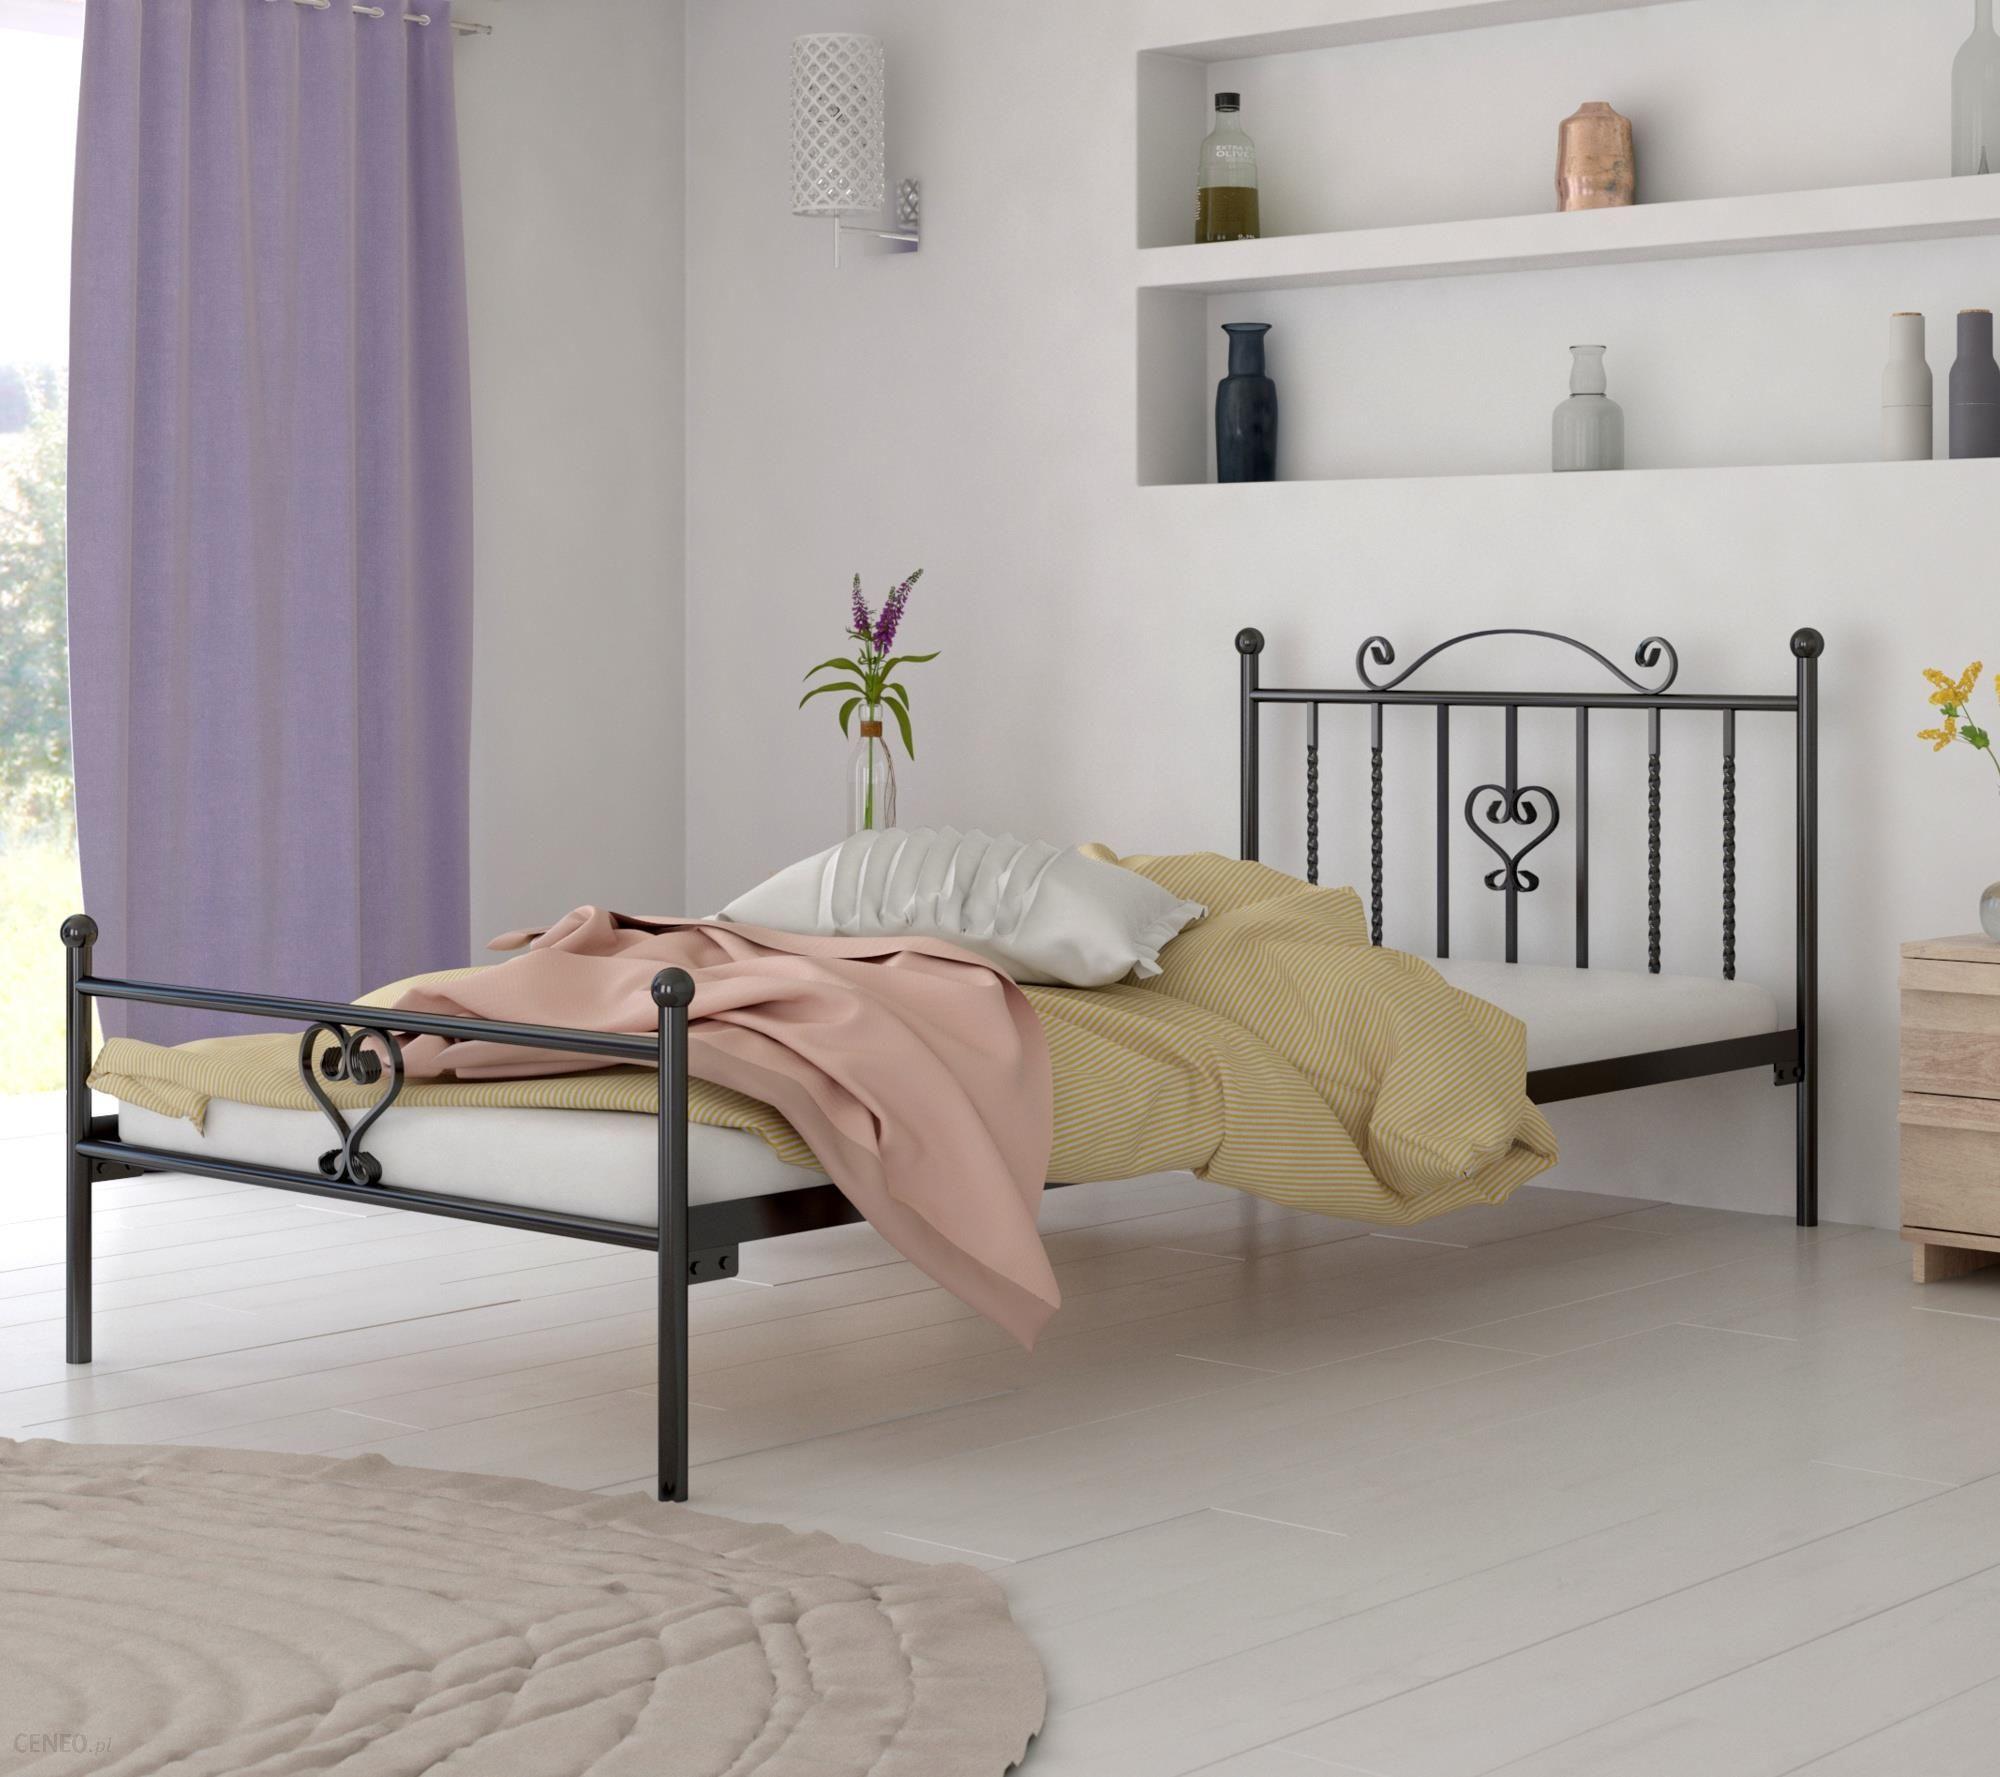 Lak System łóżko Metalowe 120x200 Wzór 4 J Stelaż